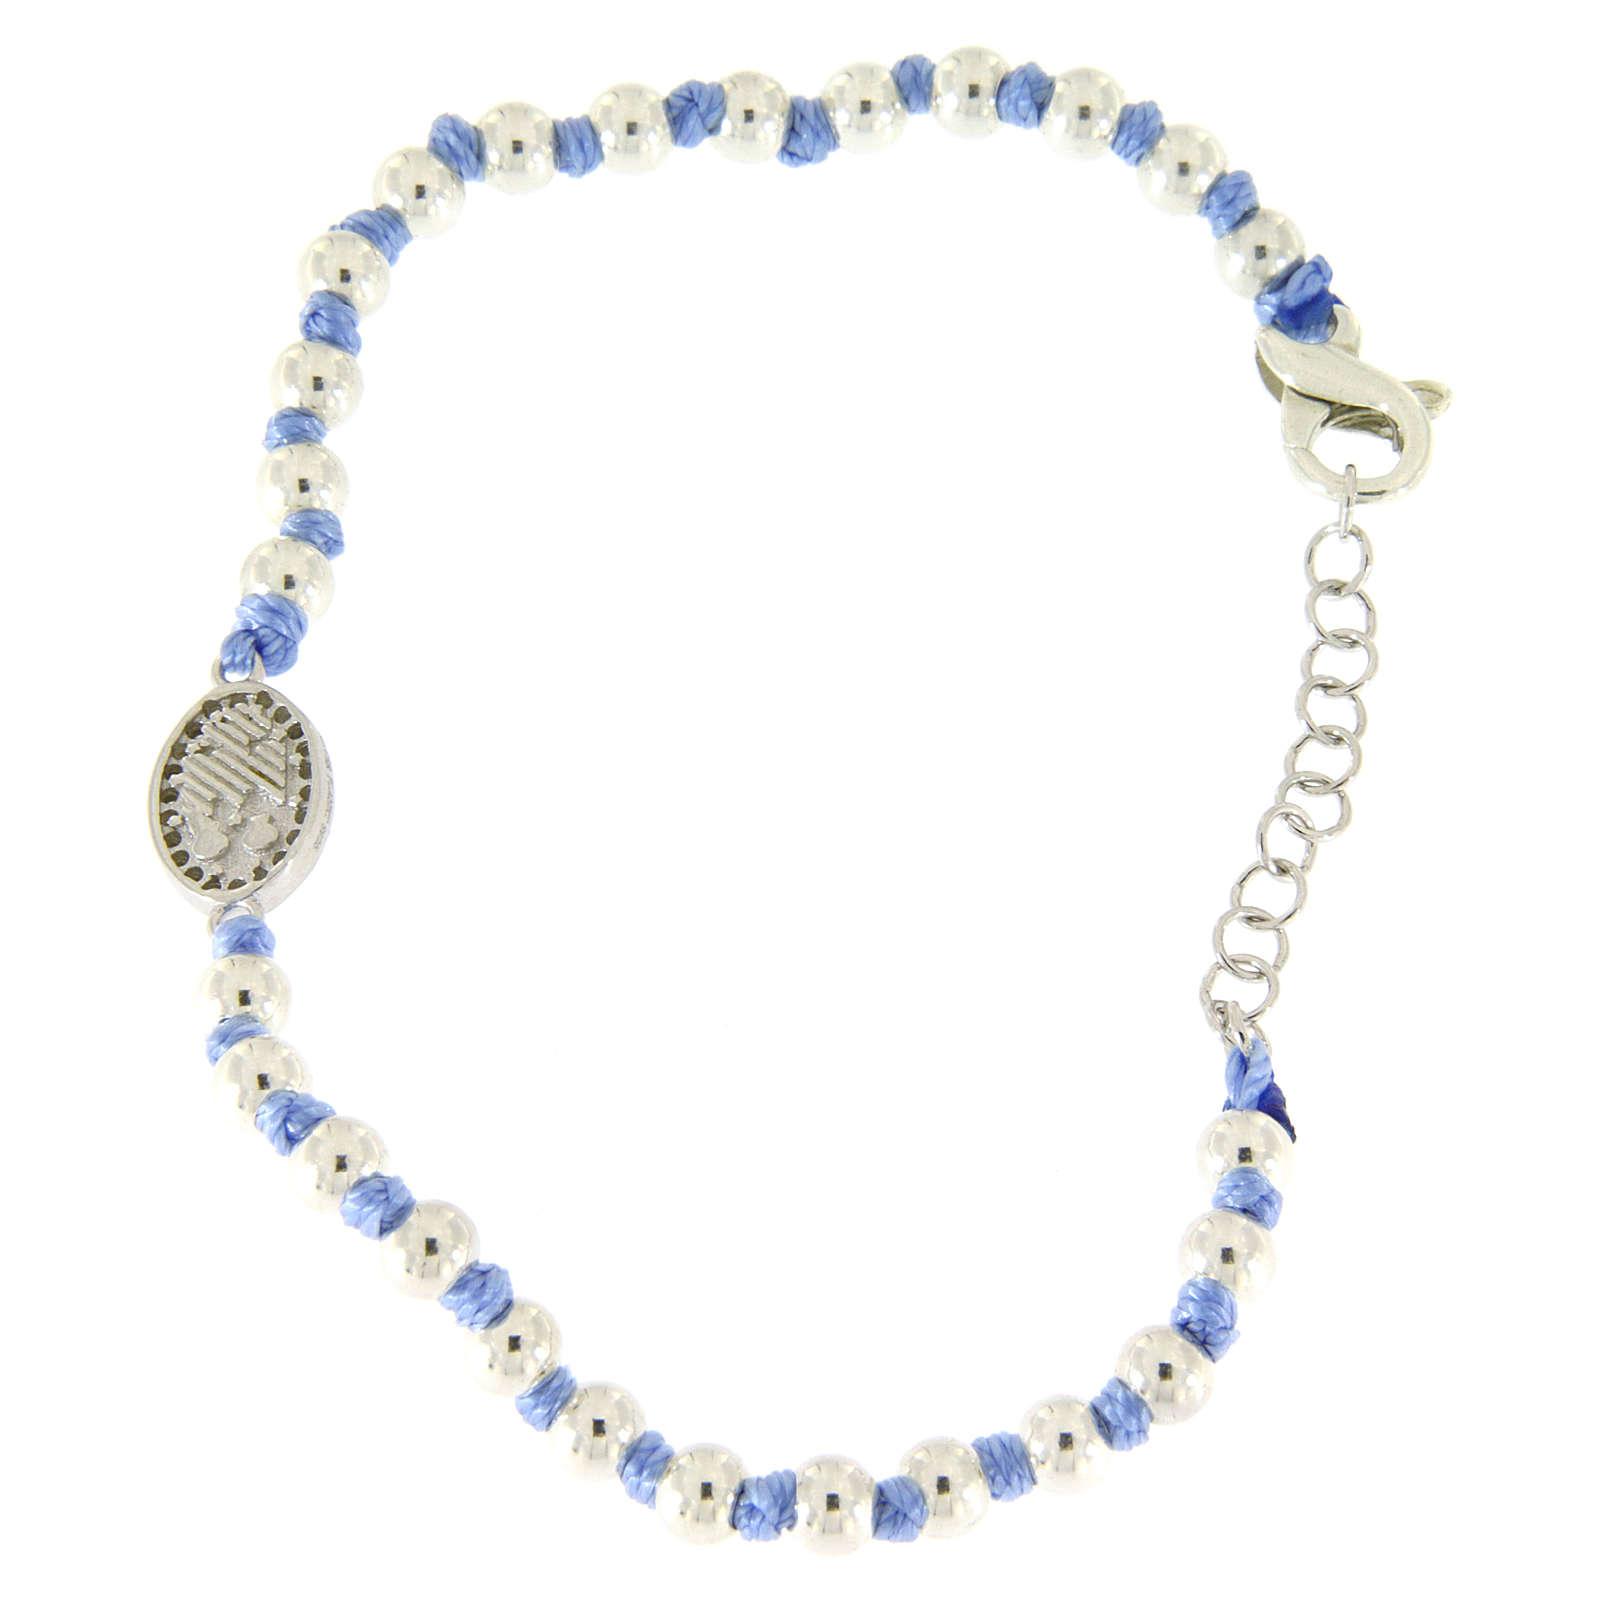 Pulsera pequeña medalla S. Rita plata y zircones blancos, esferas plata 3 mm y nudos de algodón azul 4